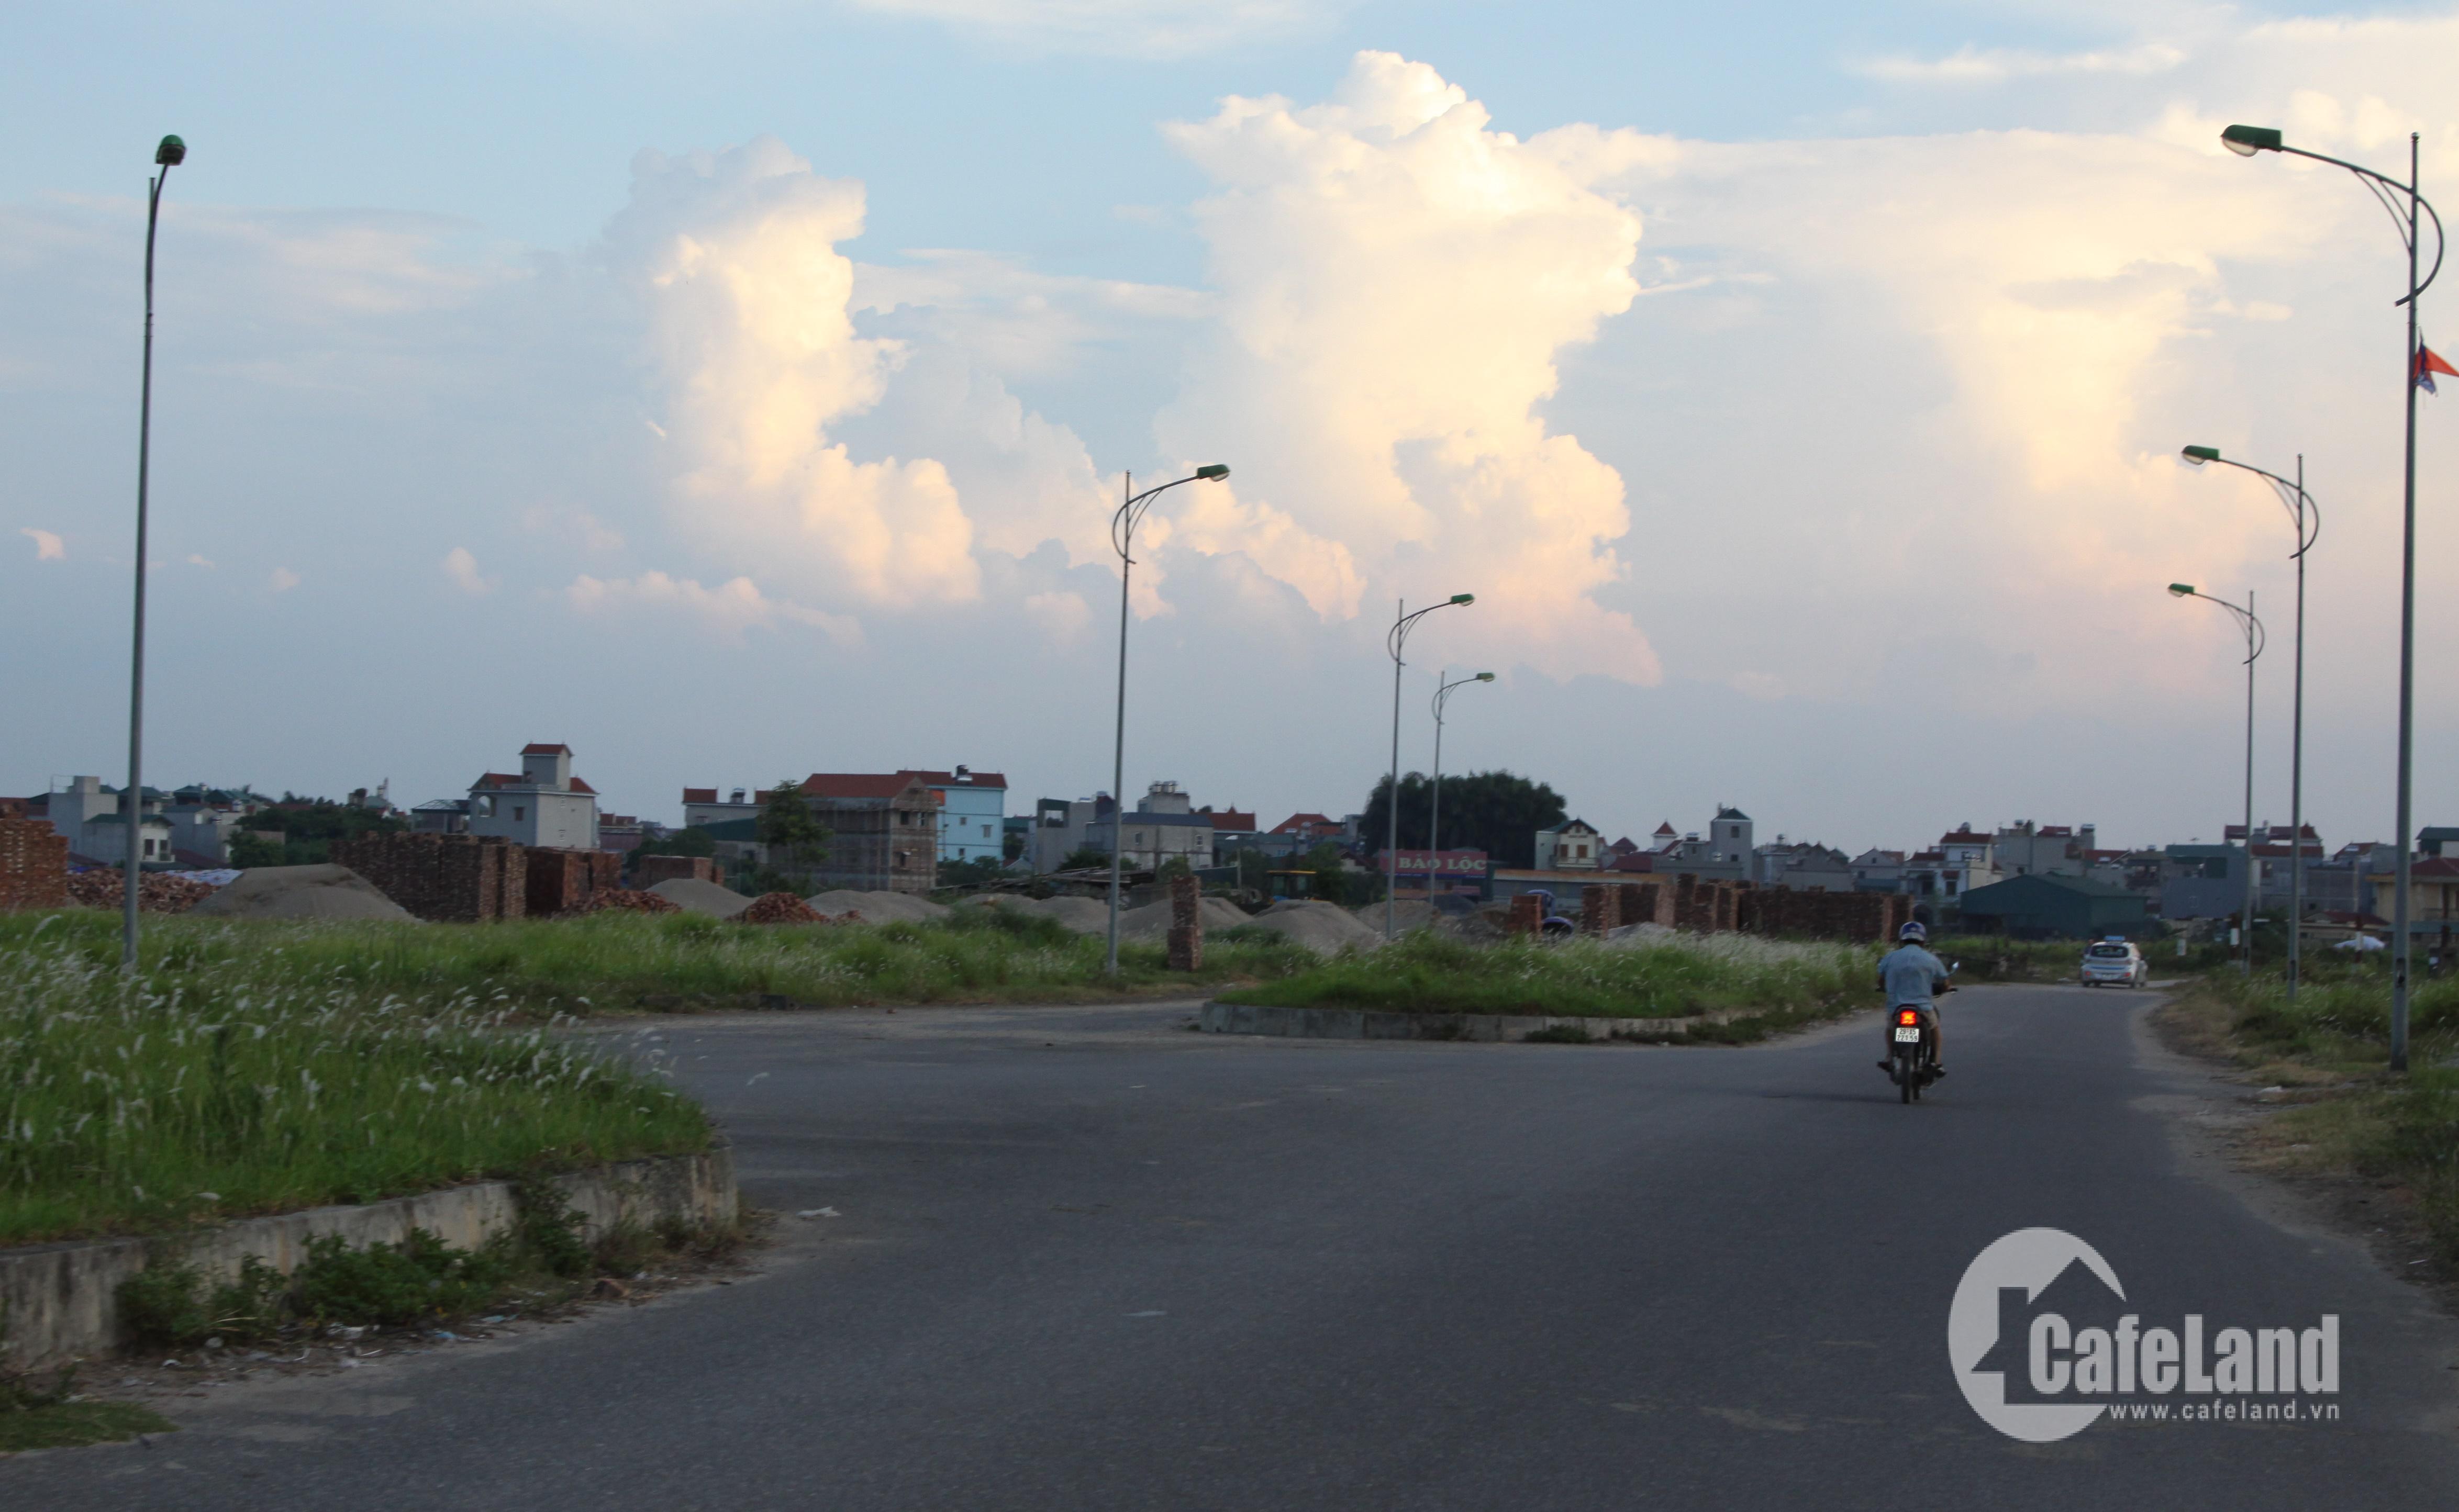 Hà Nội dự kiến đấu giá quyền sử dụng đất hơn 1.700 dự án